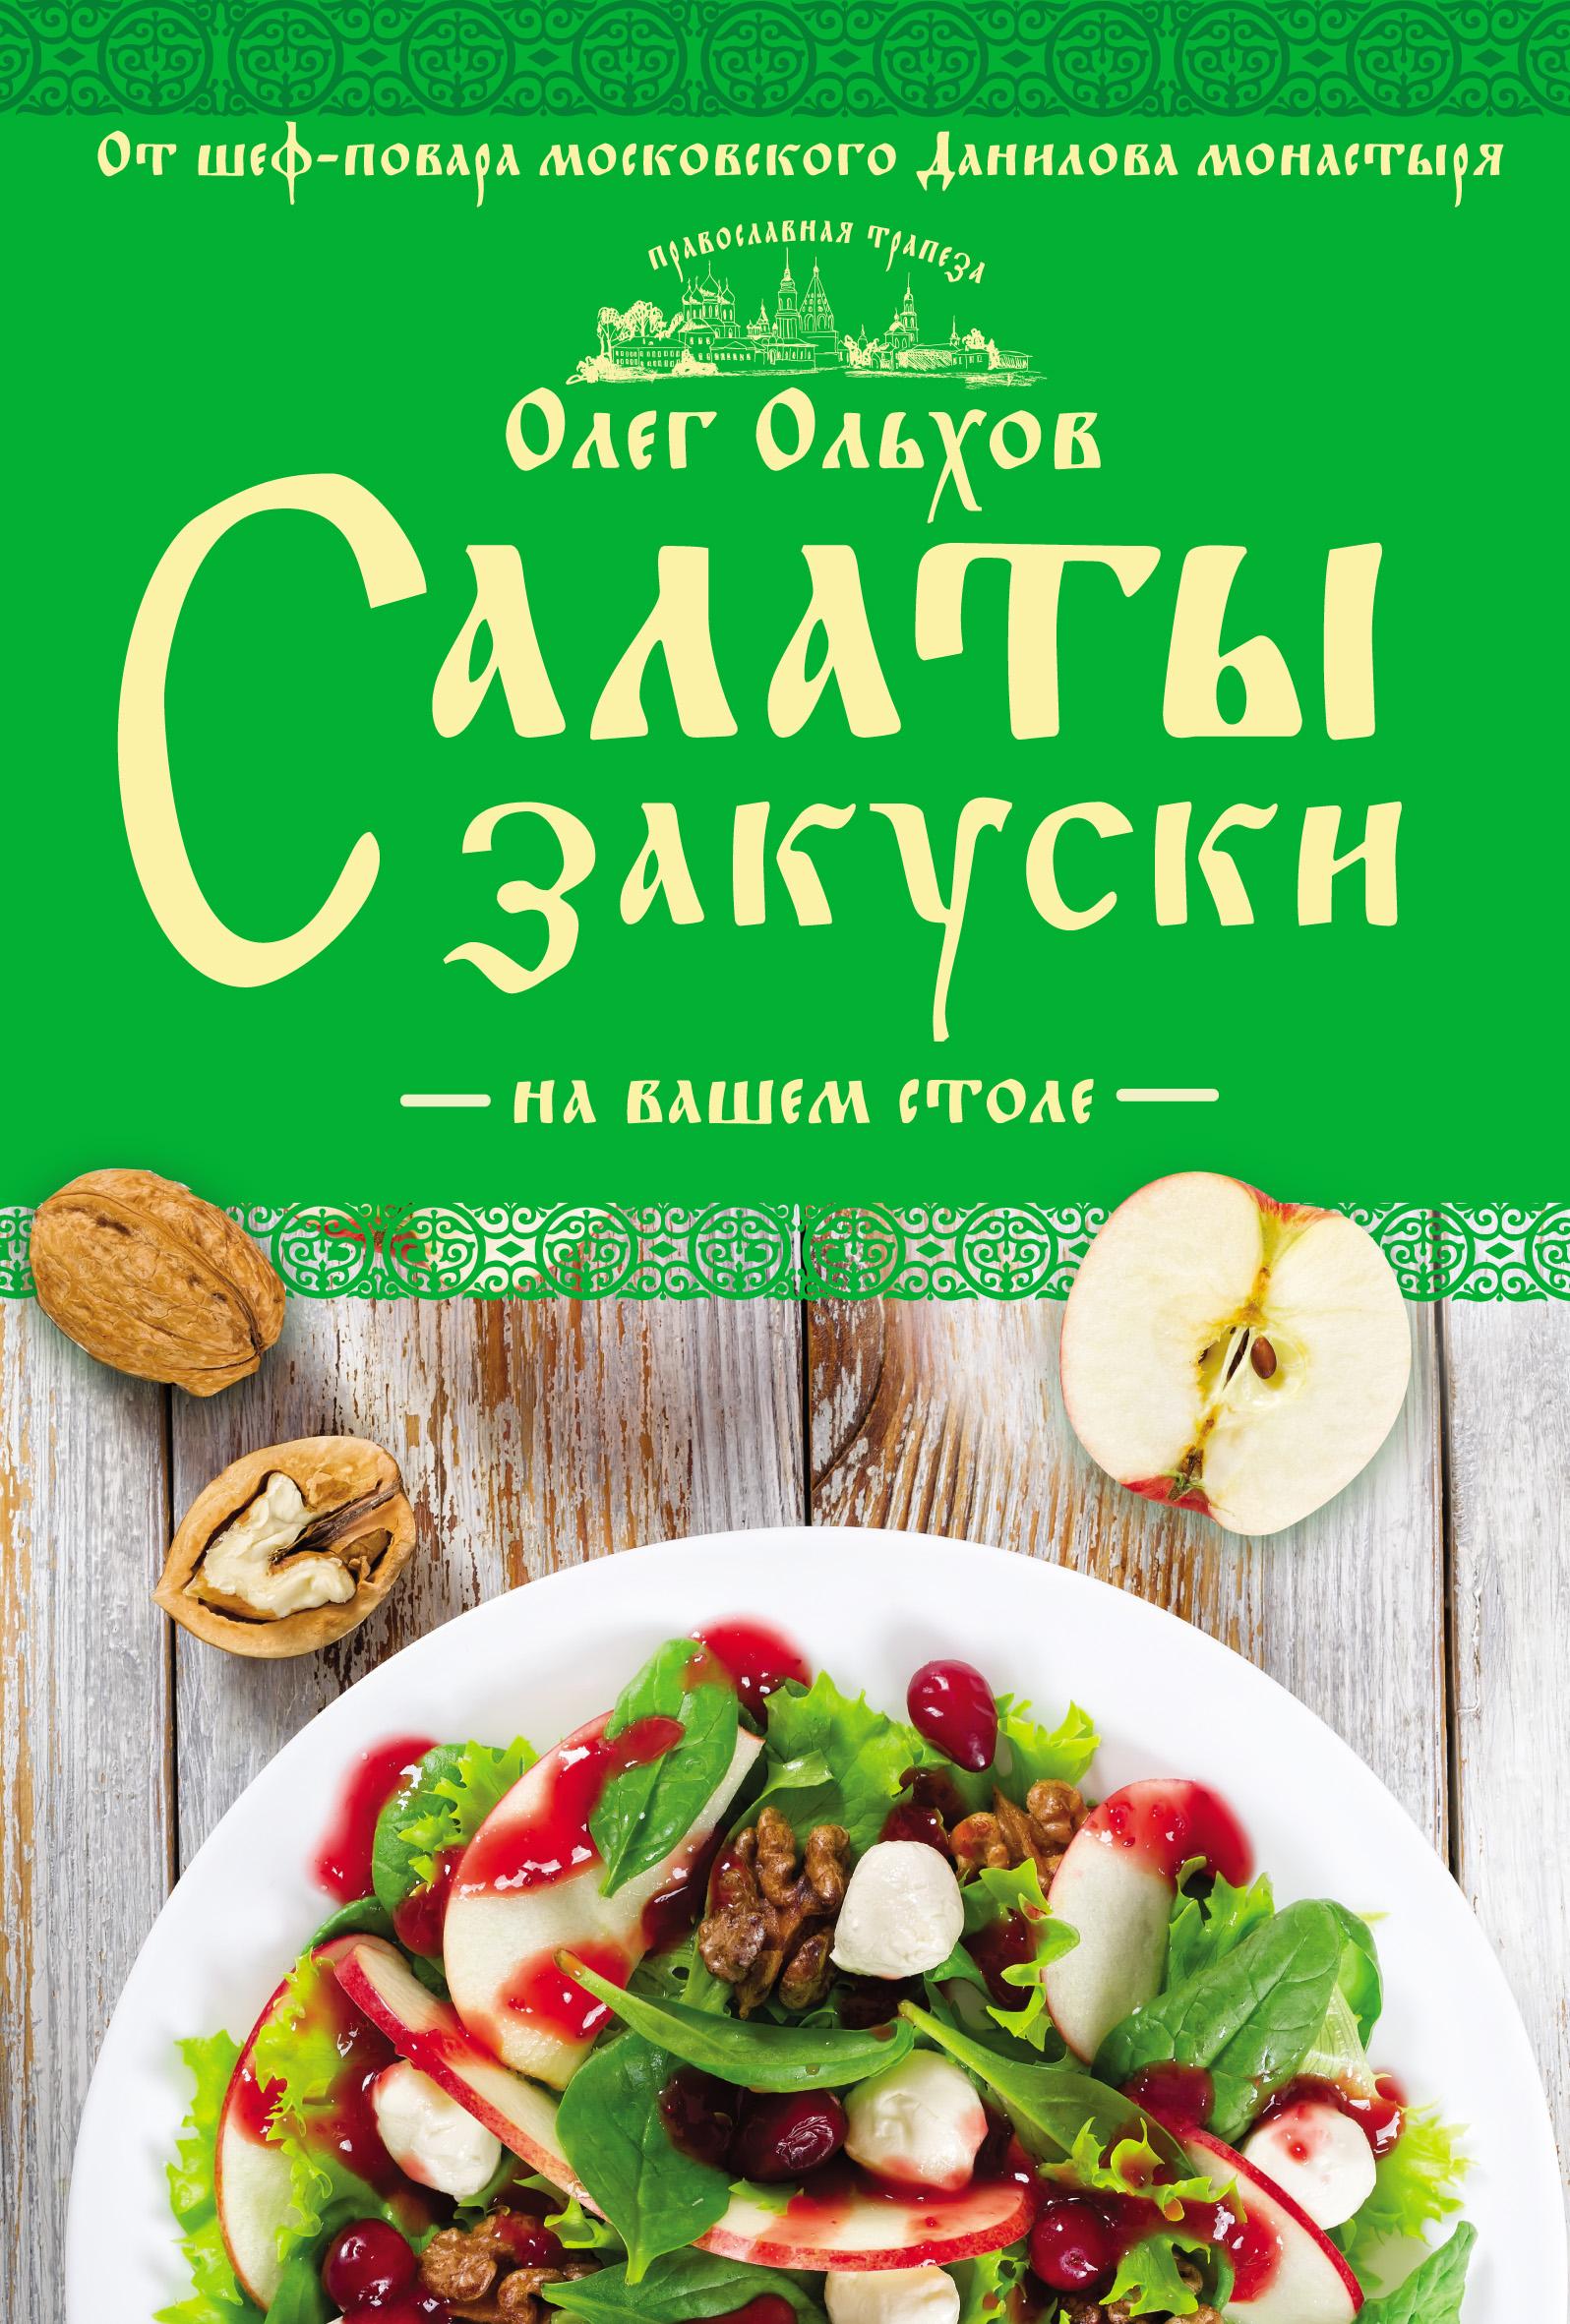 Олег Ольхов Салаты. Закуски на вашем столе ольхов о овощи на вашем столе